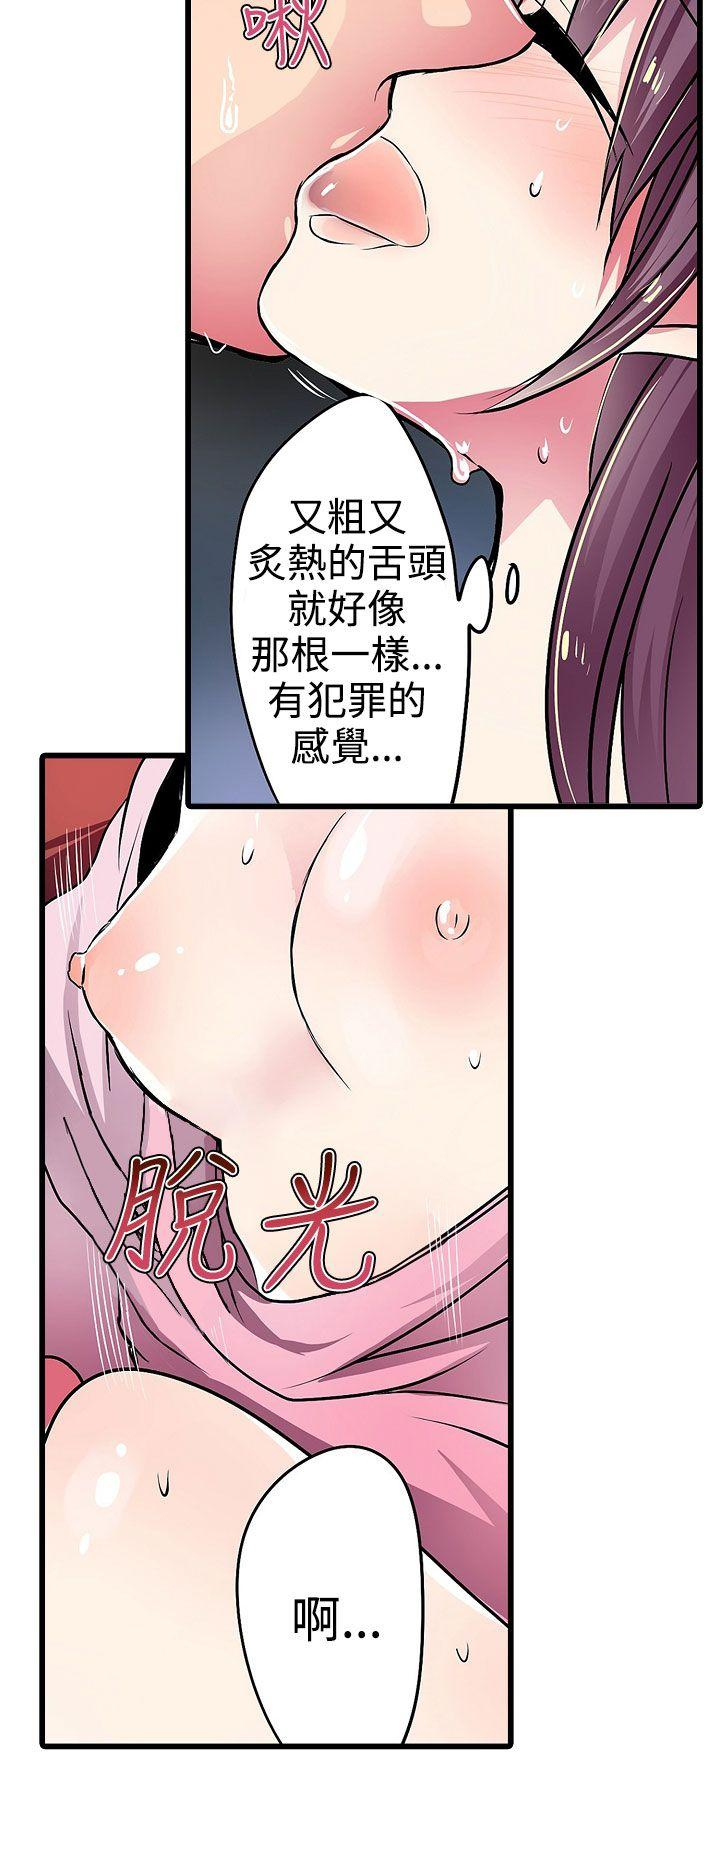 凌辱贩卖机-第18话全彩韩漫标签